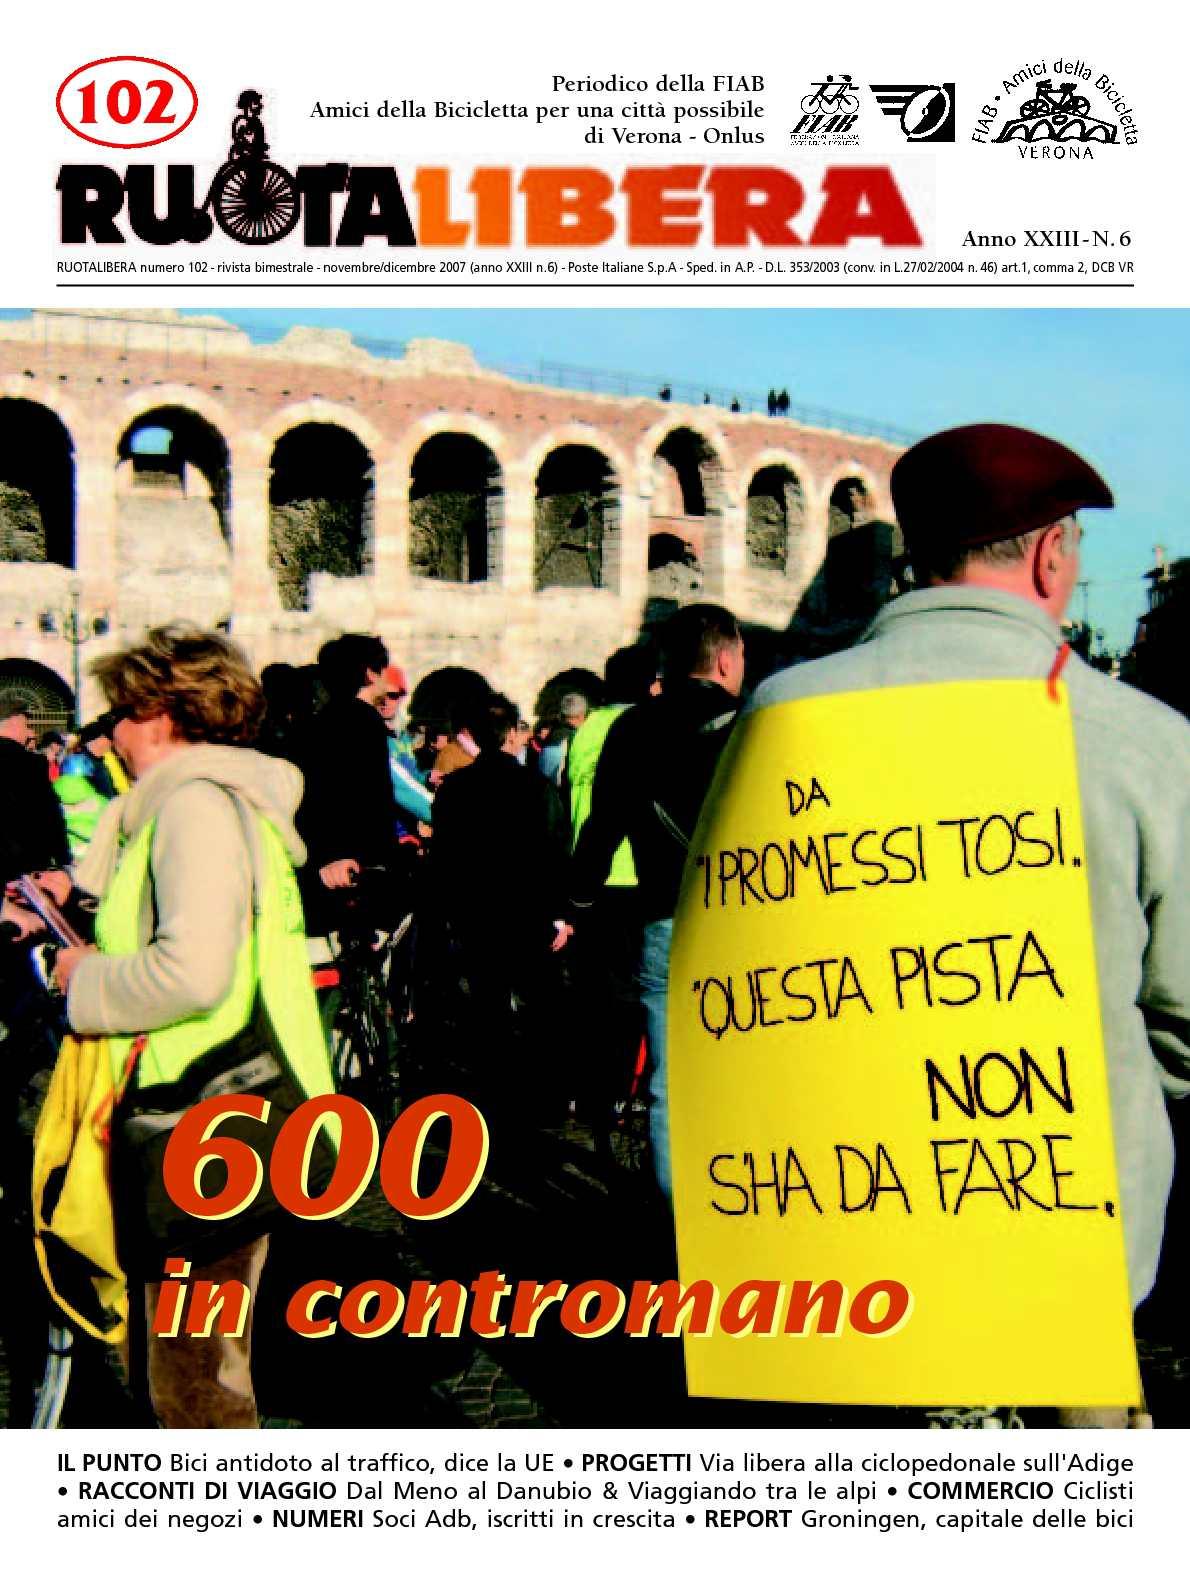 Ruotalibera 102 (novembre/dicembre 2007) - FIAB AdB Verona